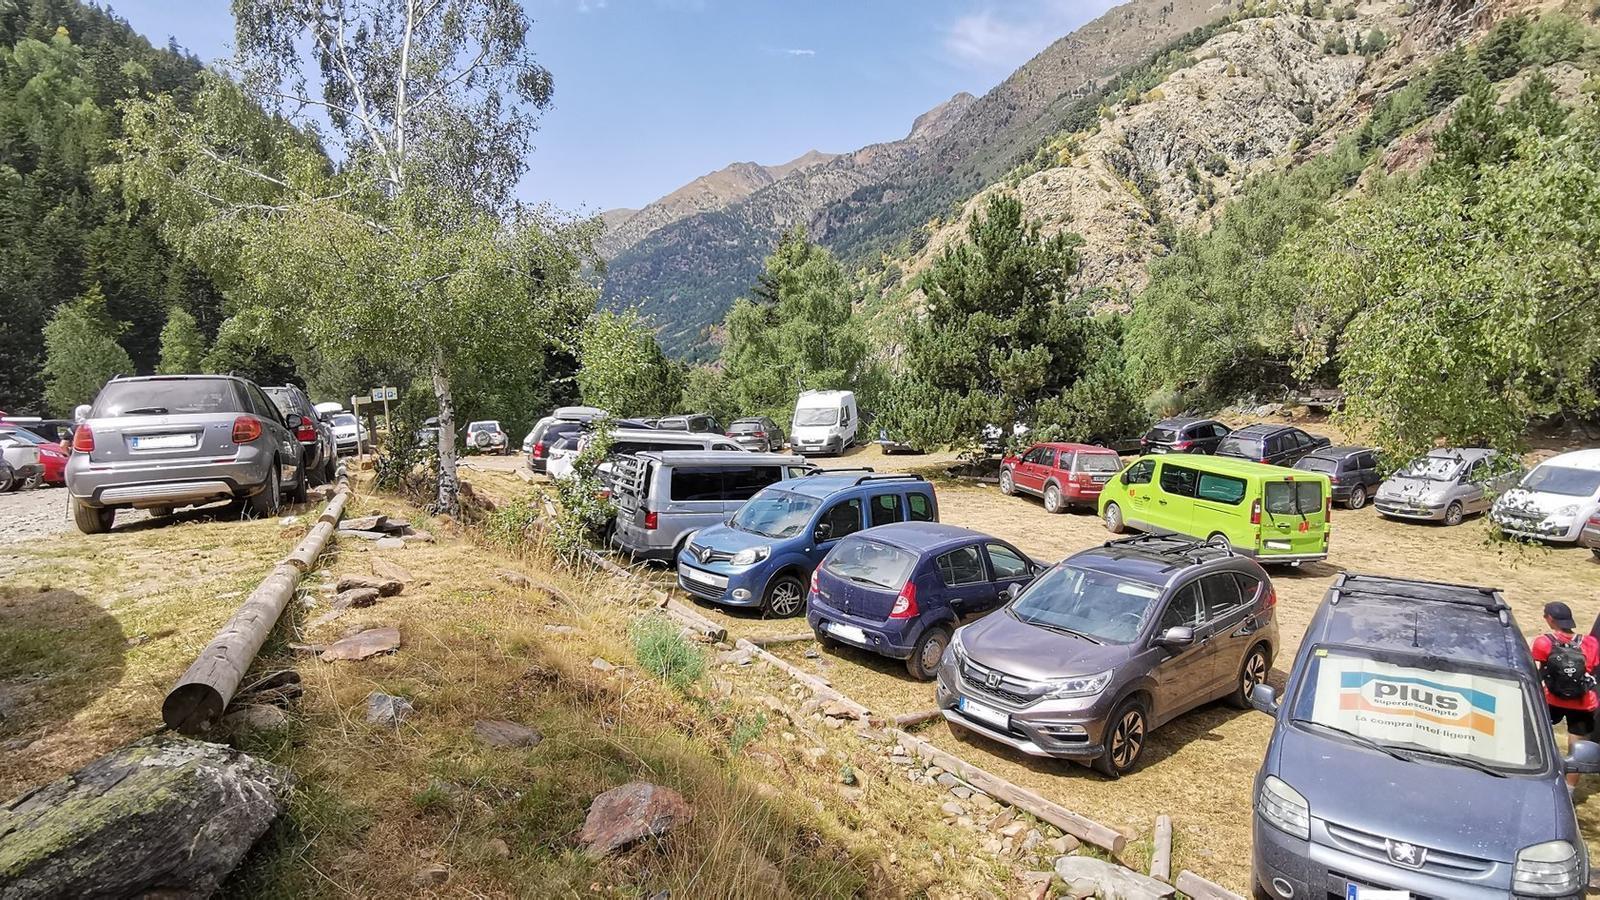 L'aparcament de la Molinassa ple de cotxes. / PNAP